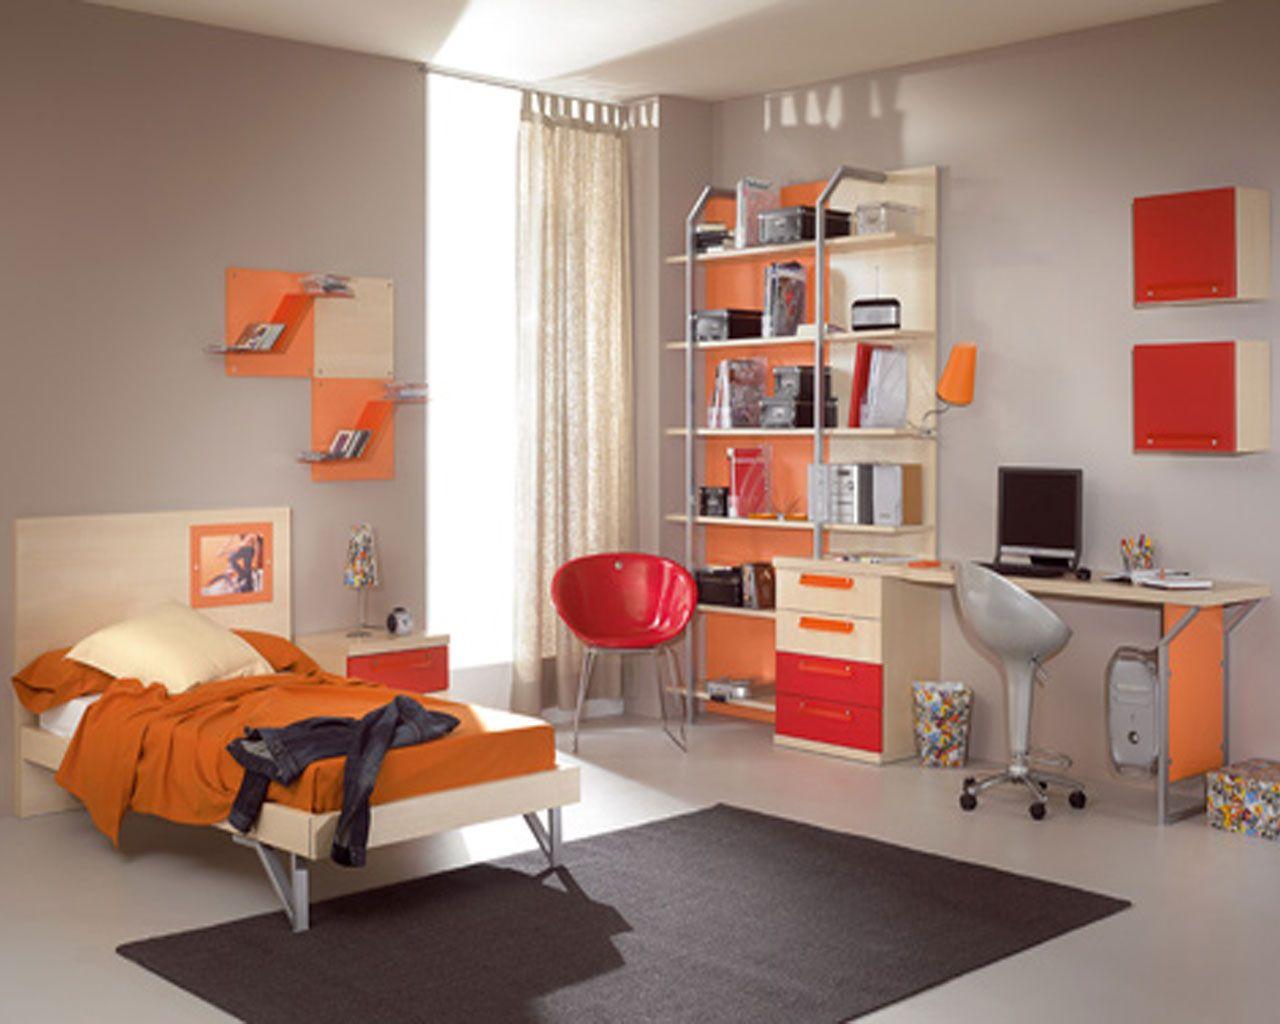 Boys Bedrooms Designs Image Result For Orange Bedrooms For Kids  Jakes Bedroom